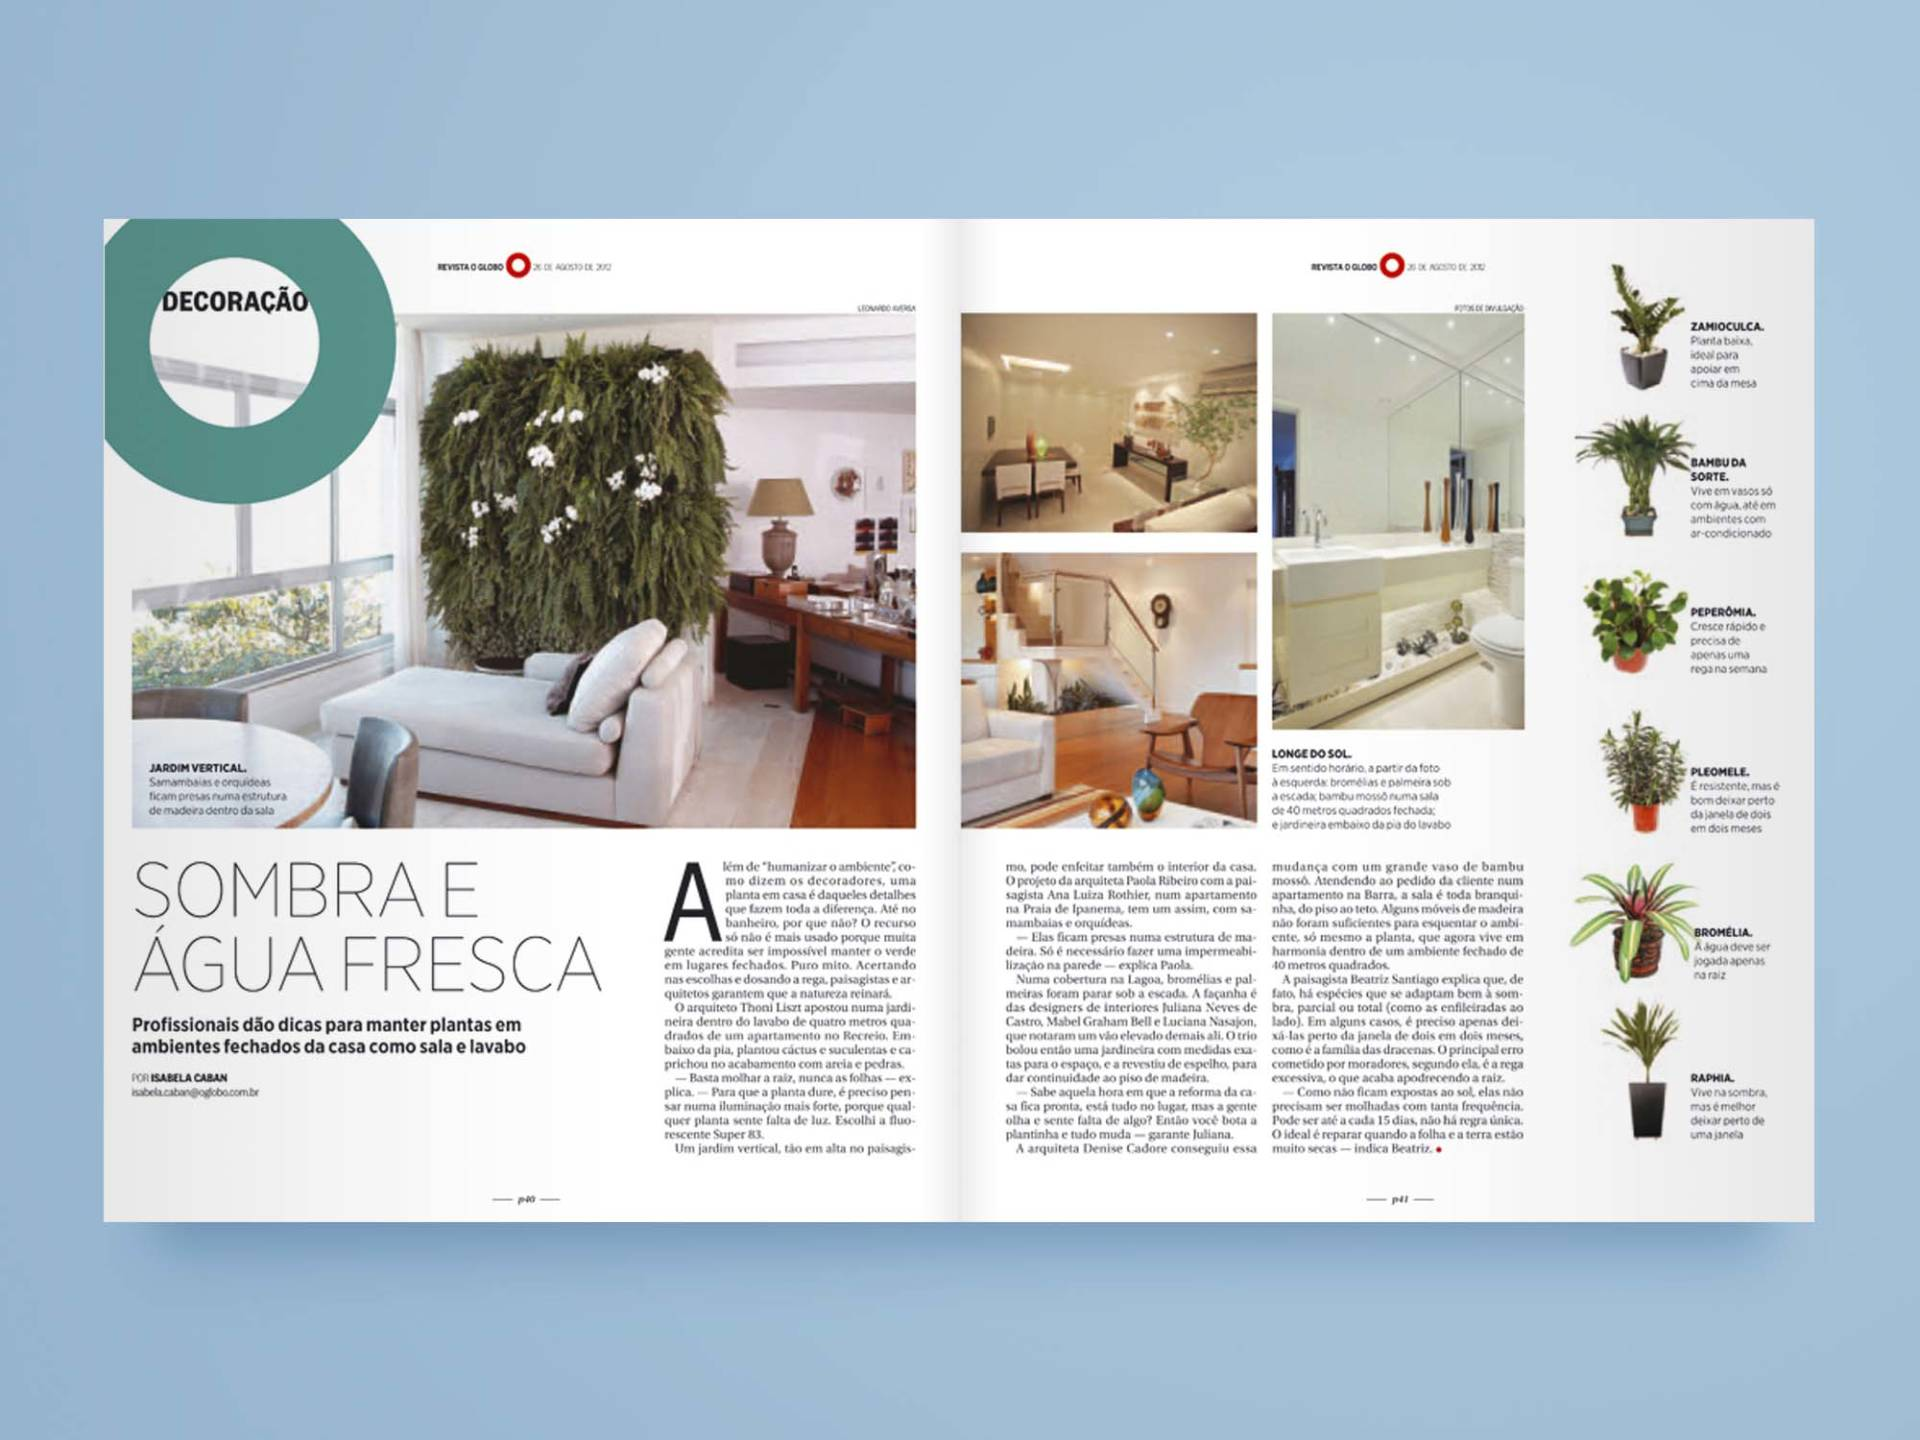 Revista_O_Globo_04_Wenceslau_News_Design